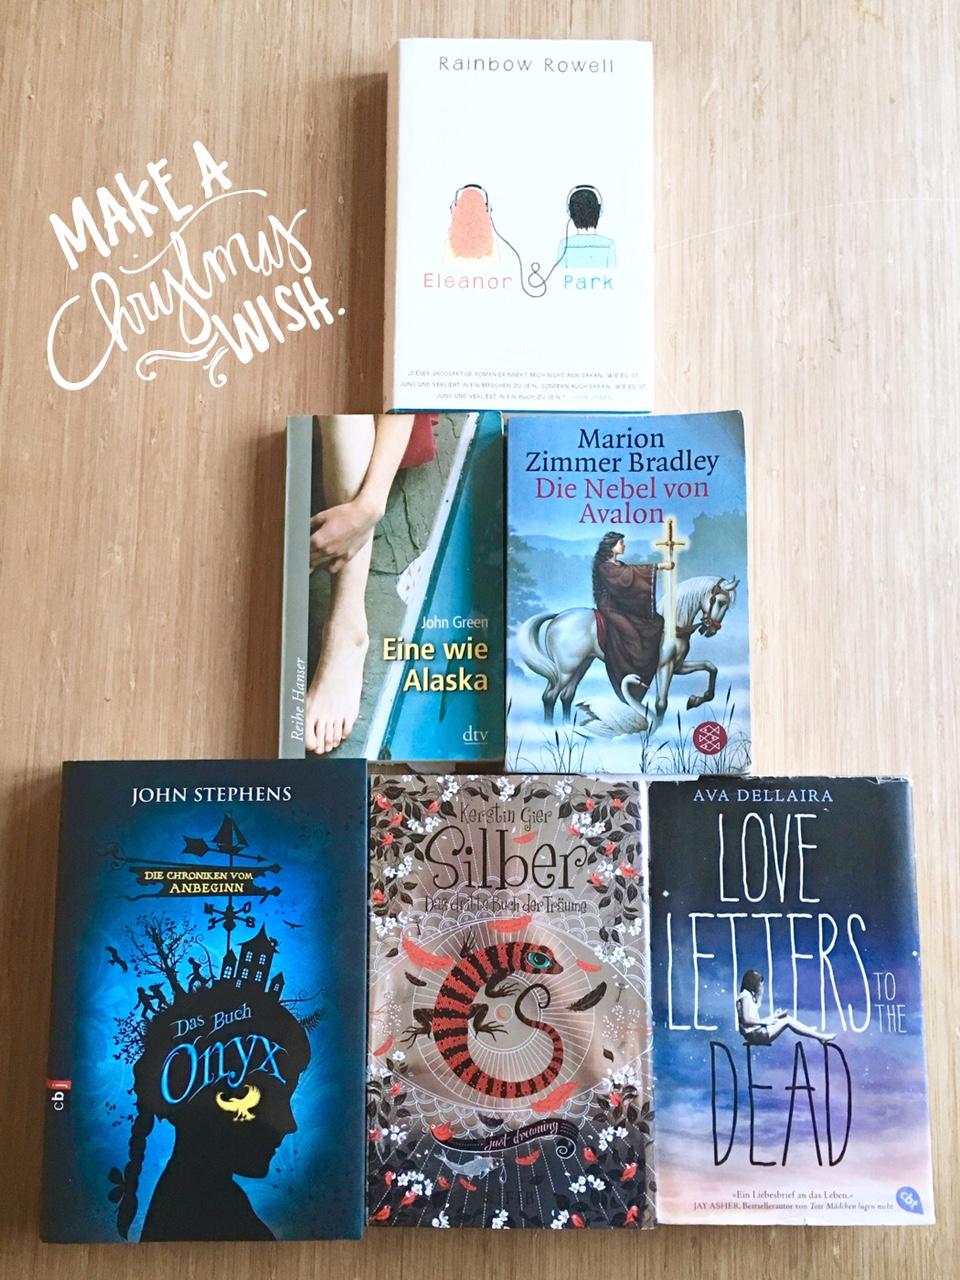 Buchtipps, Jugendbücher 2015, Geschenktipps zu Weihnachten, Booklove, Lesetipps, Rezension